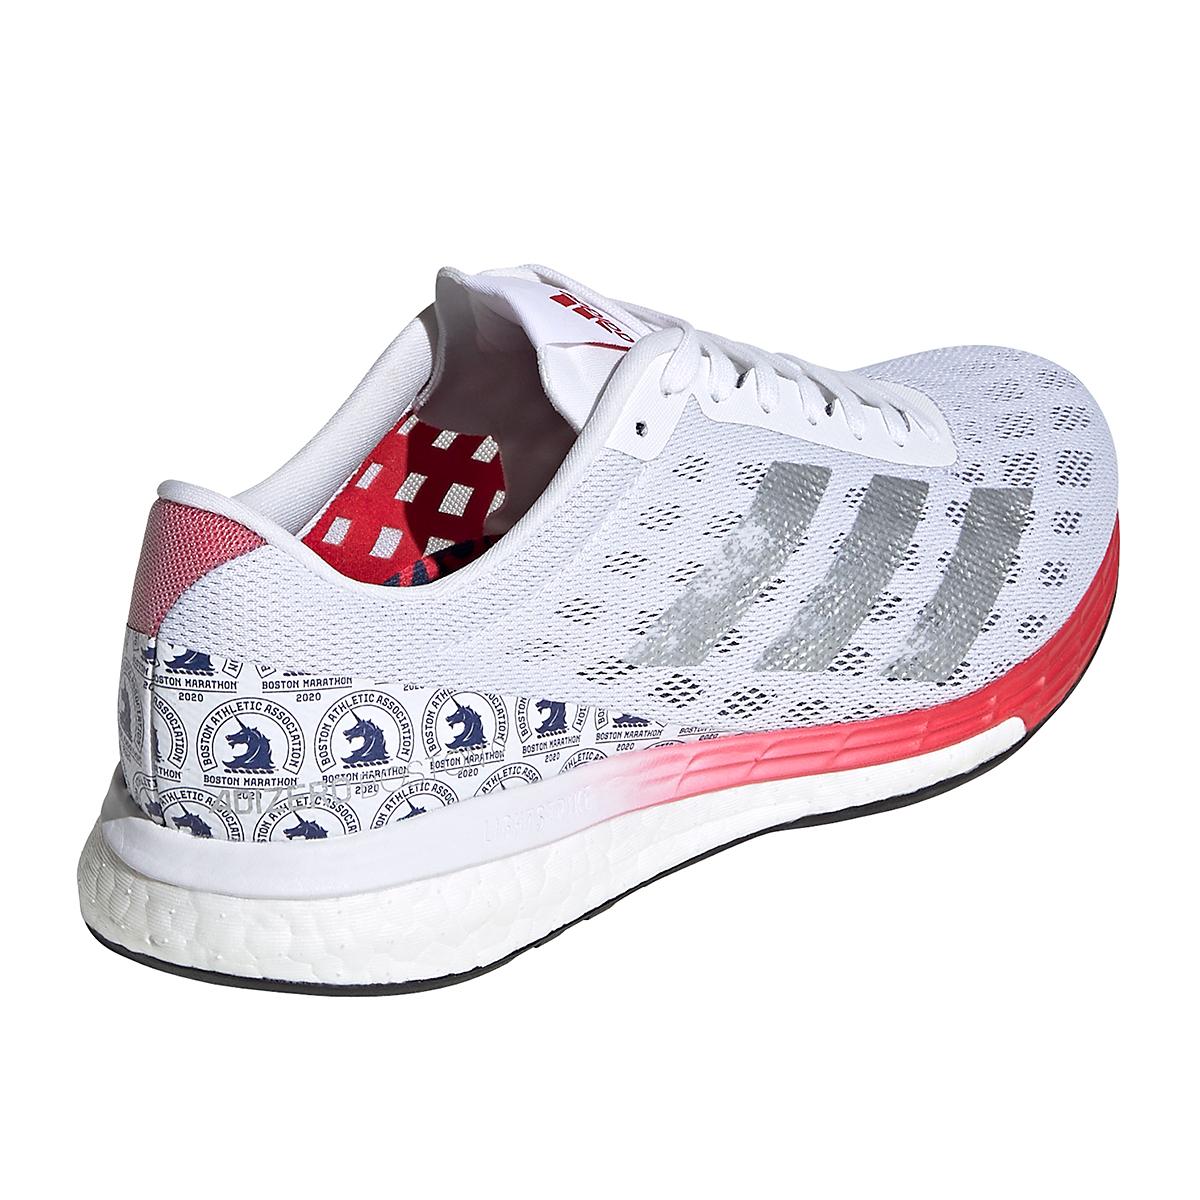 Adidas Adizero Boston 9 Running Shoe